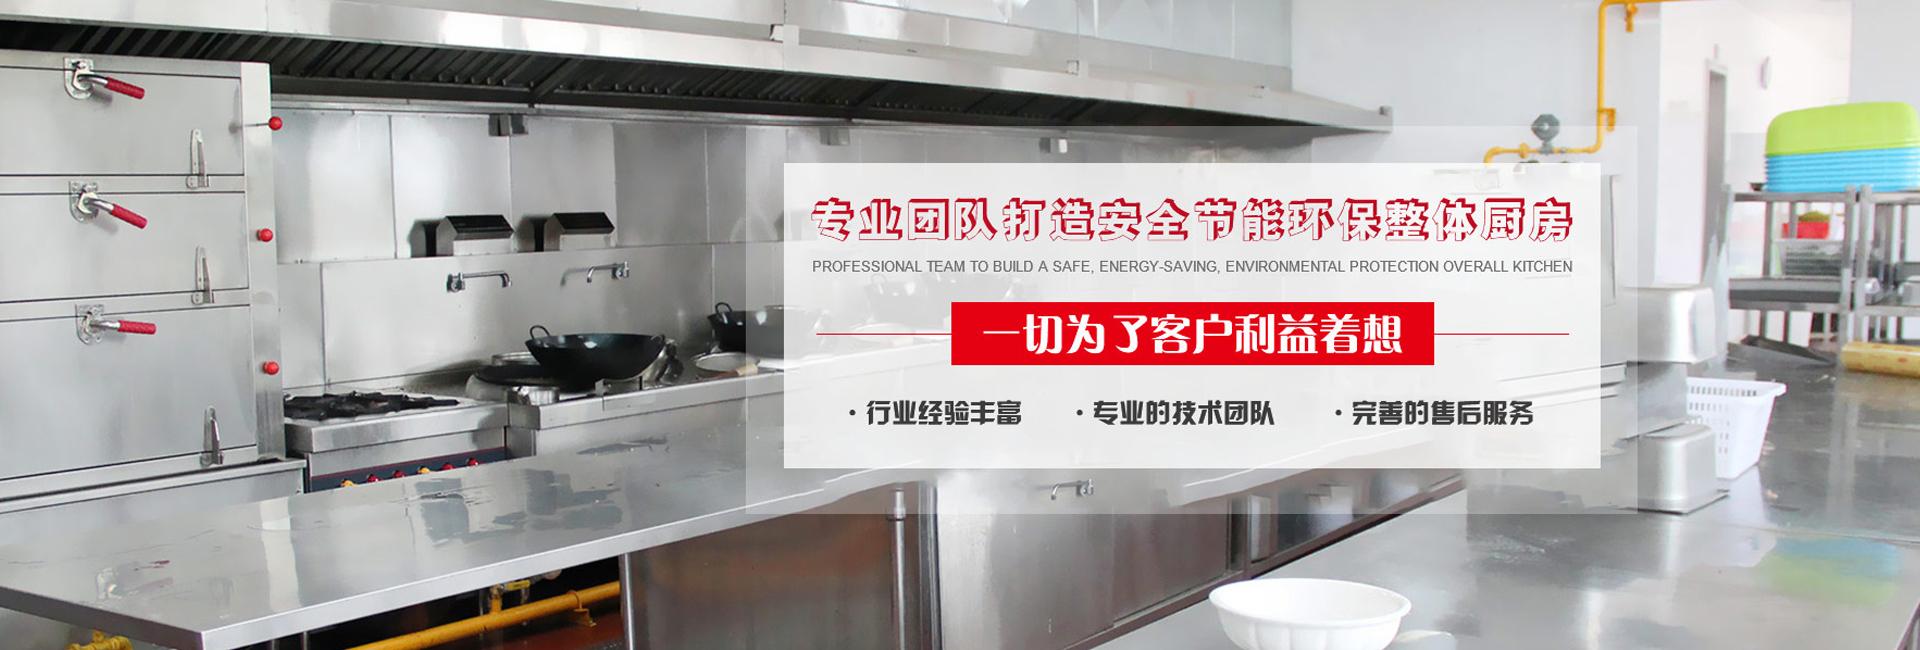 贵州不锈钢厨房设备